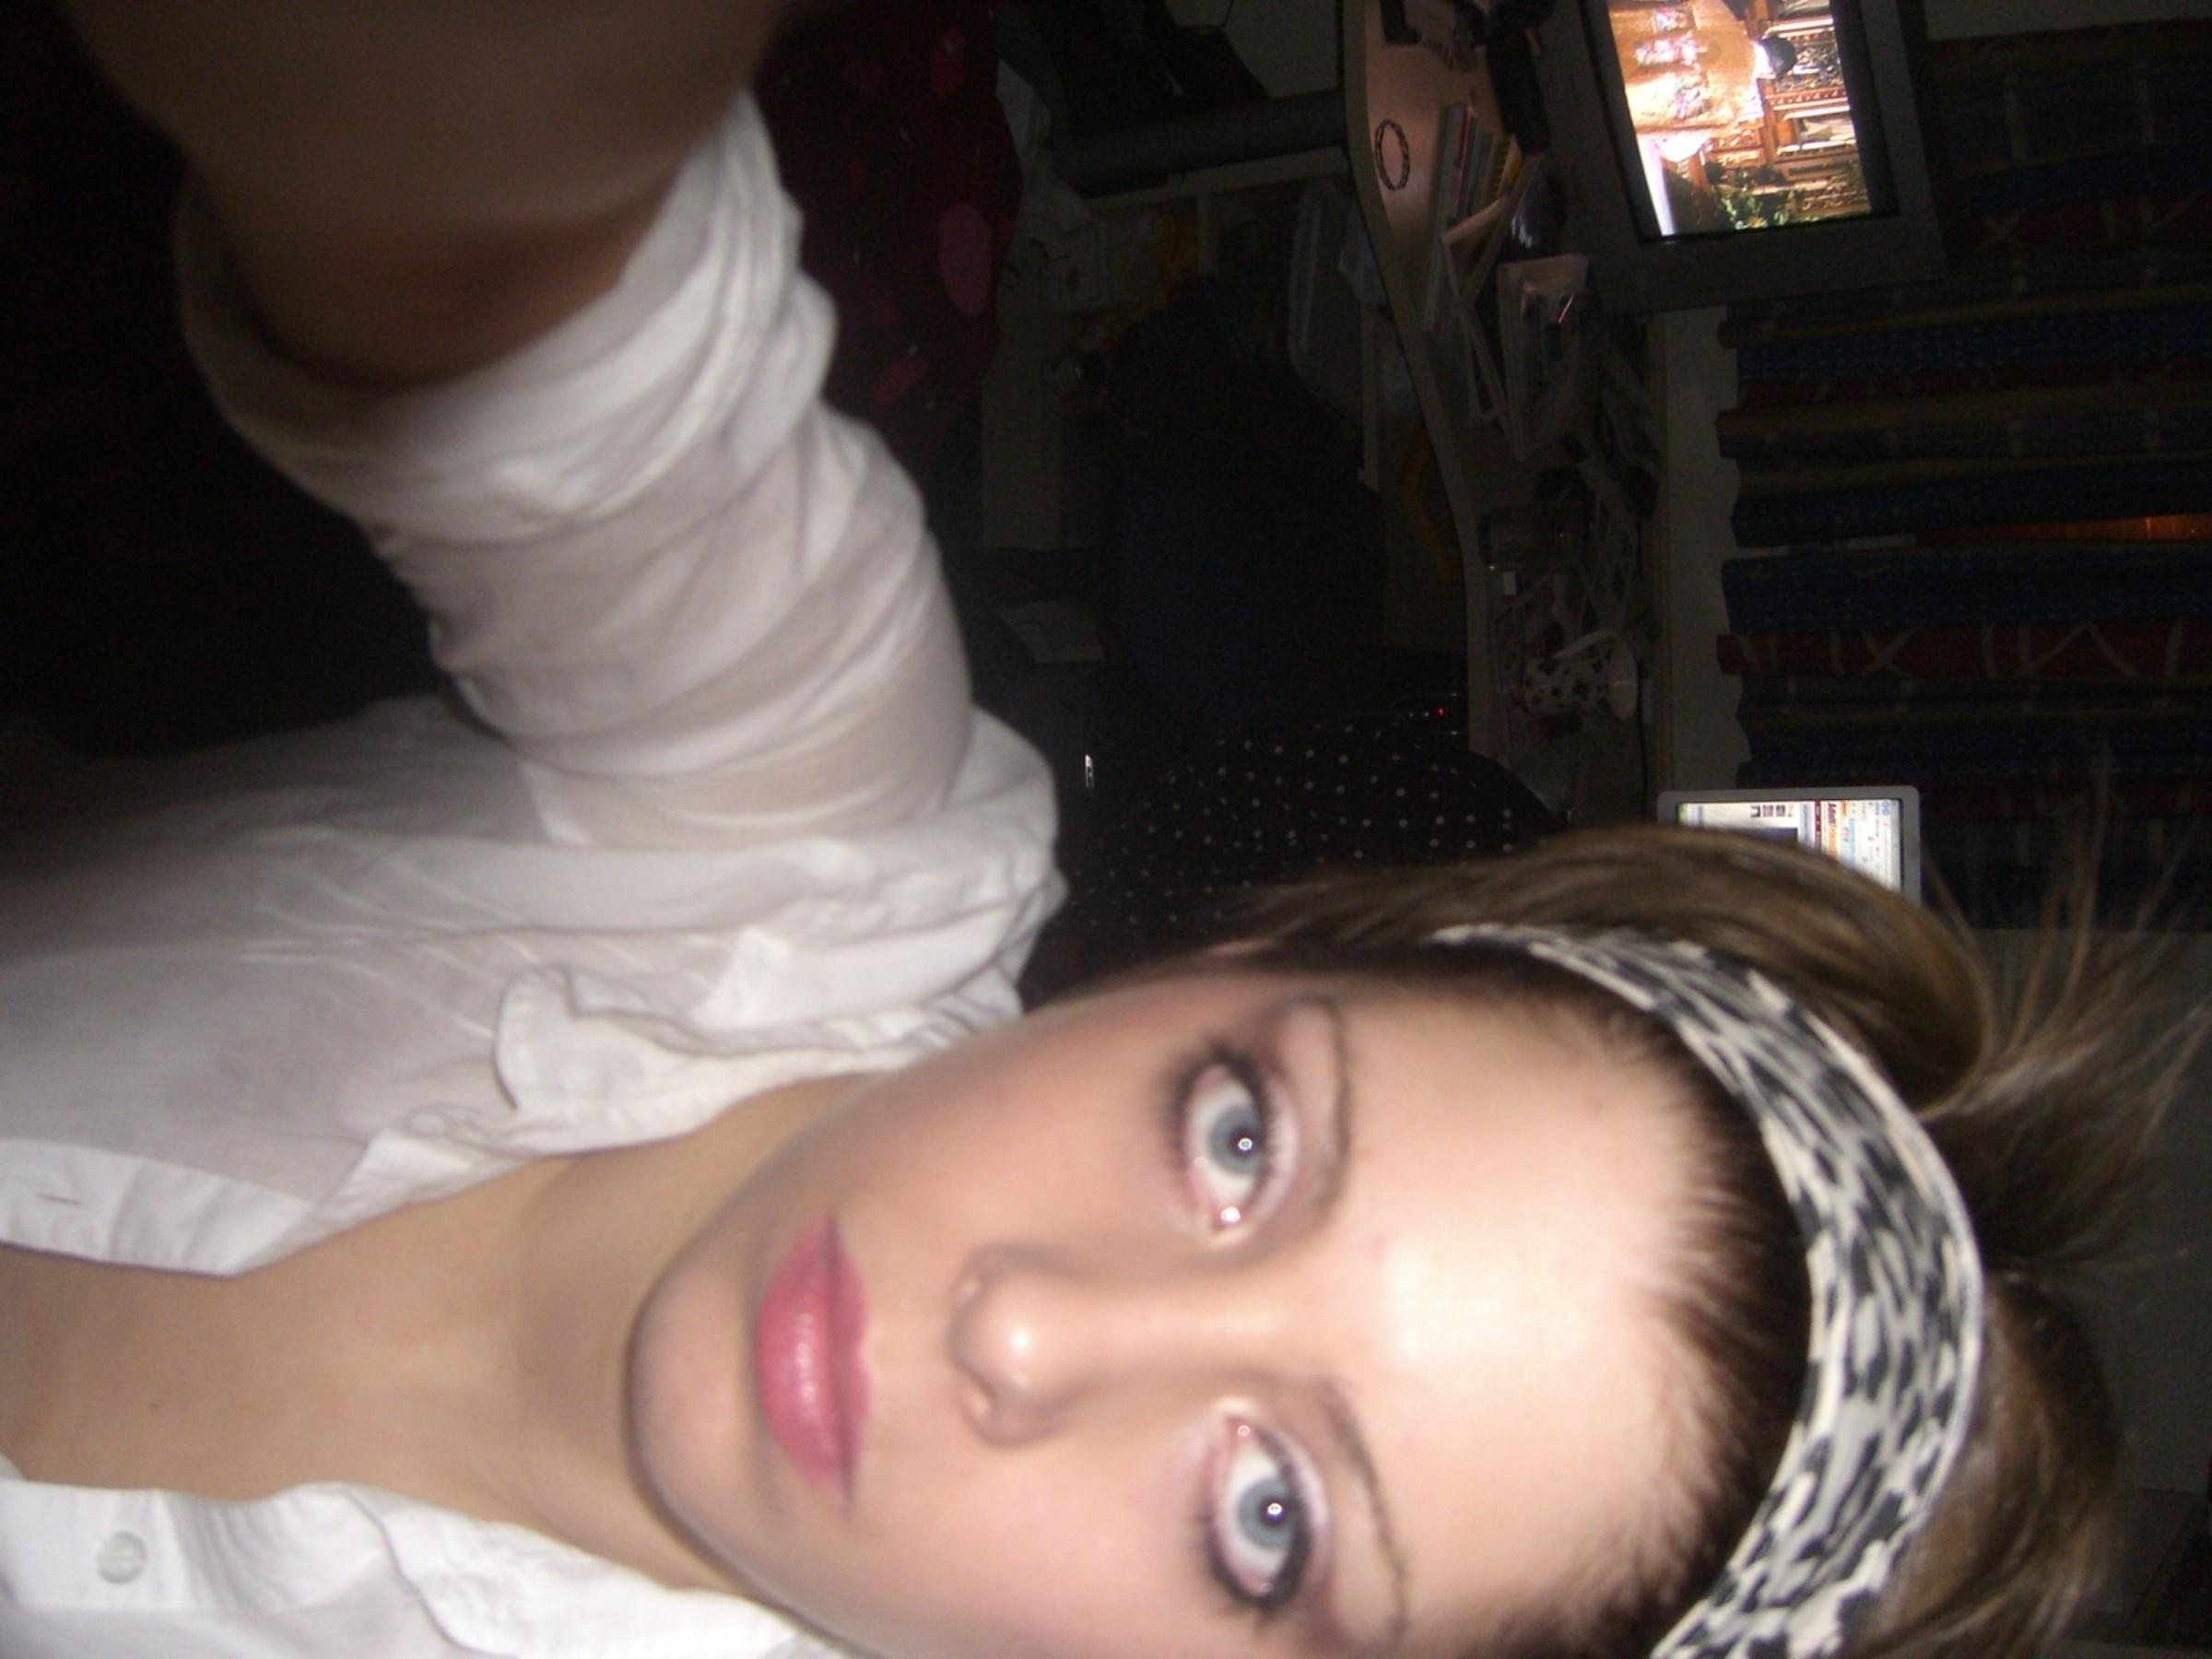 Снять девочку мытищи, Проститутки на выезд, вызвать шлюху из Мытищ 6 фотография